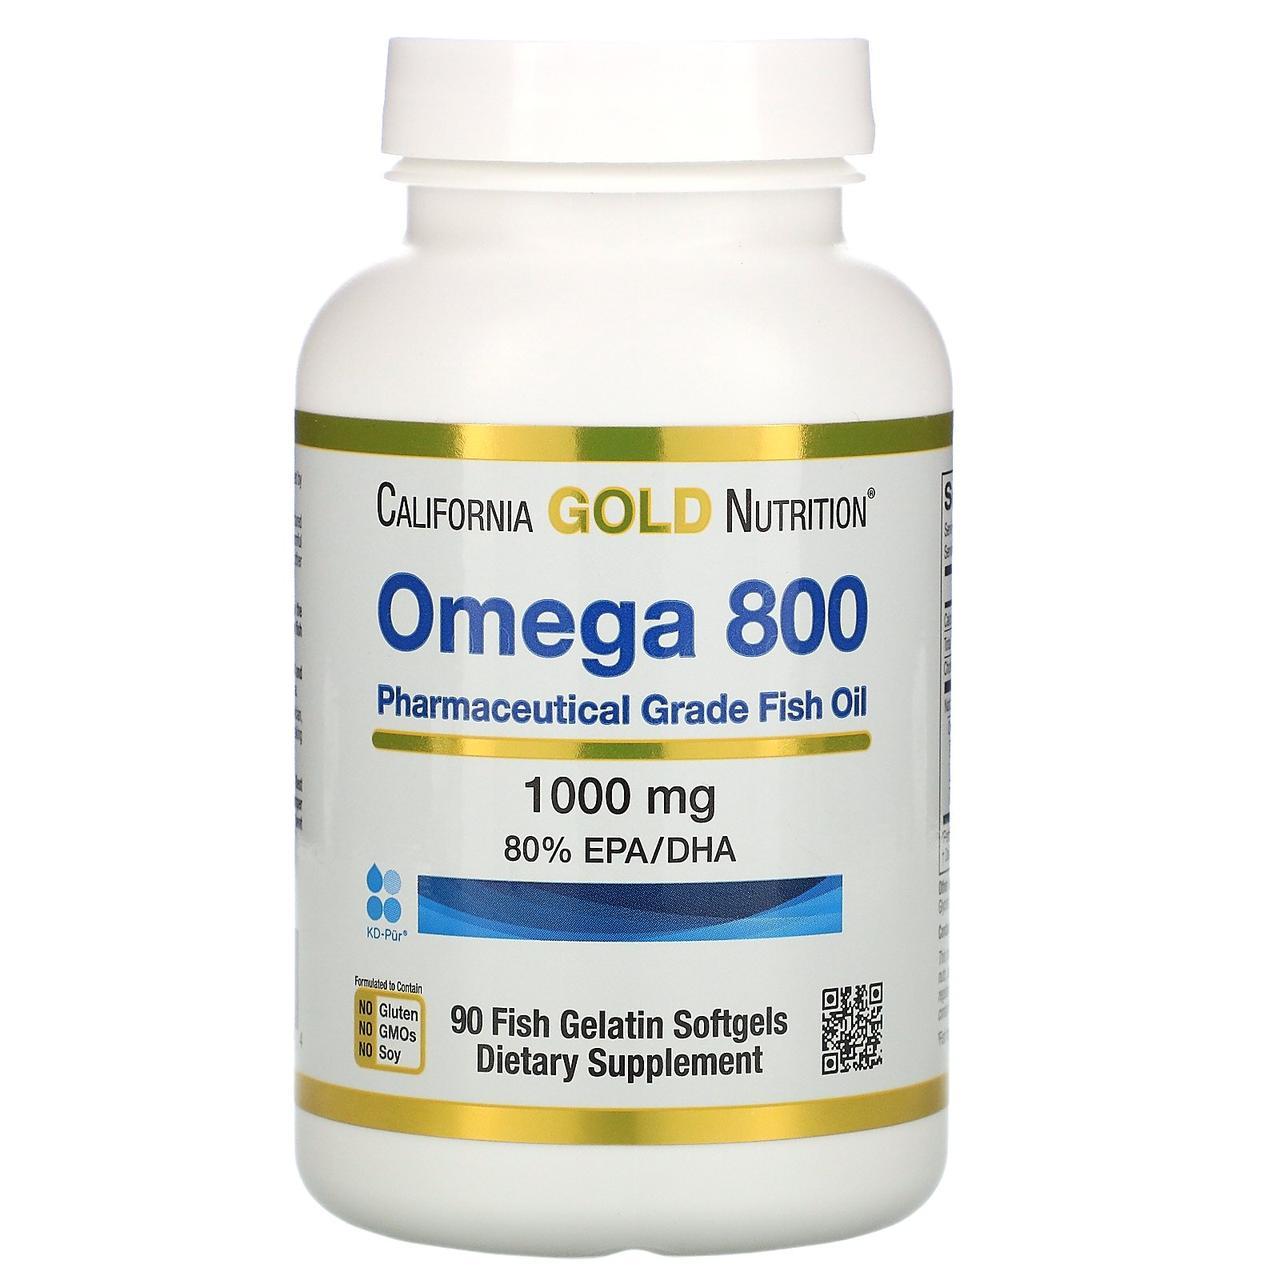 """Рыбий жир фармацевтич. класса без холестерина """"Омега 800"""" от California Gold Nutrition, 80% EPA/DHA, 90 капсул"""